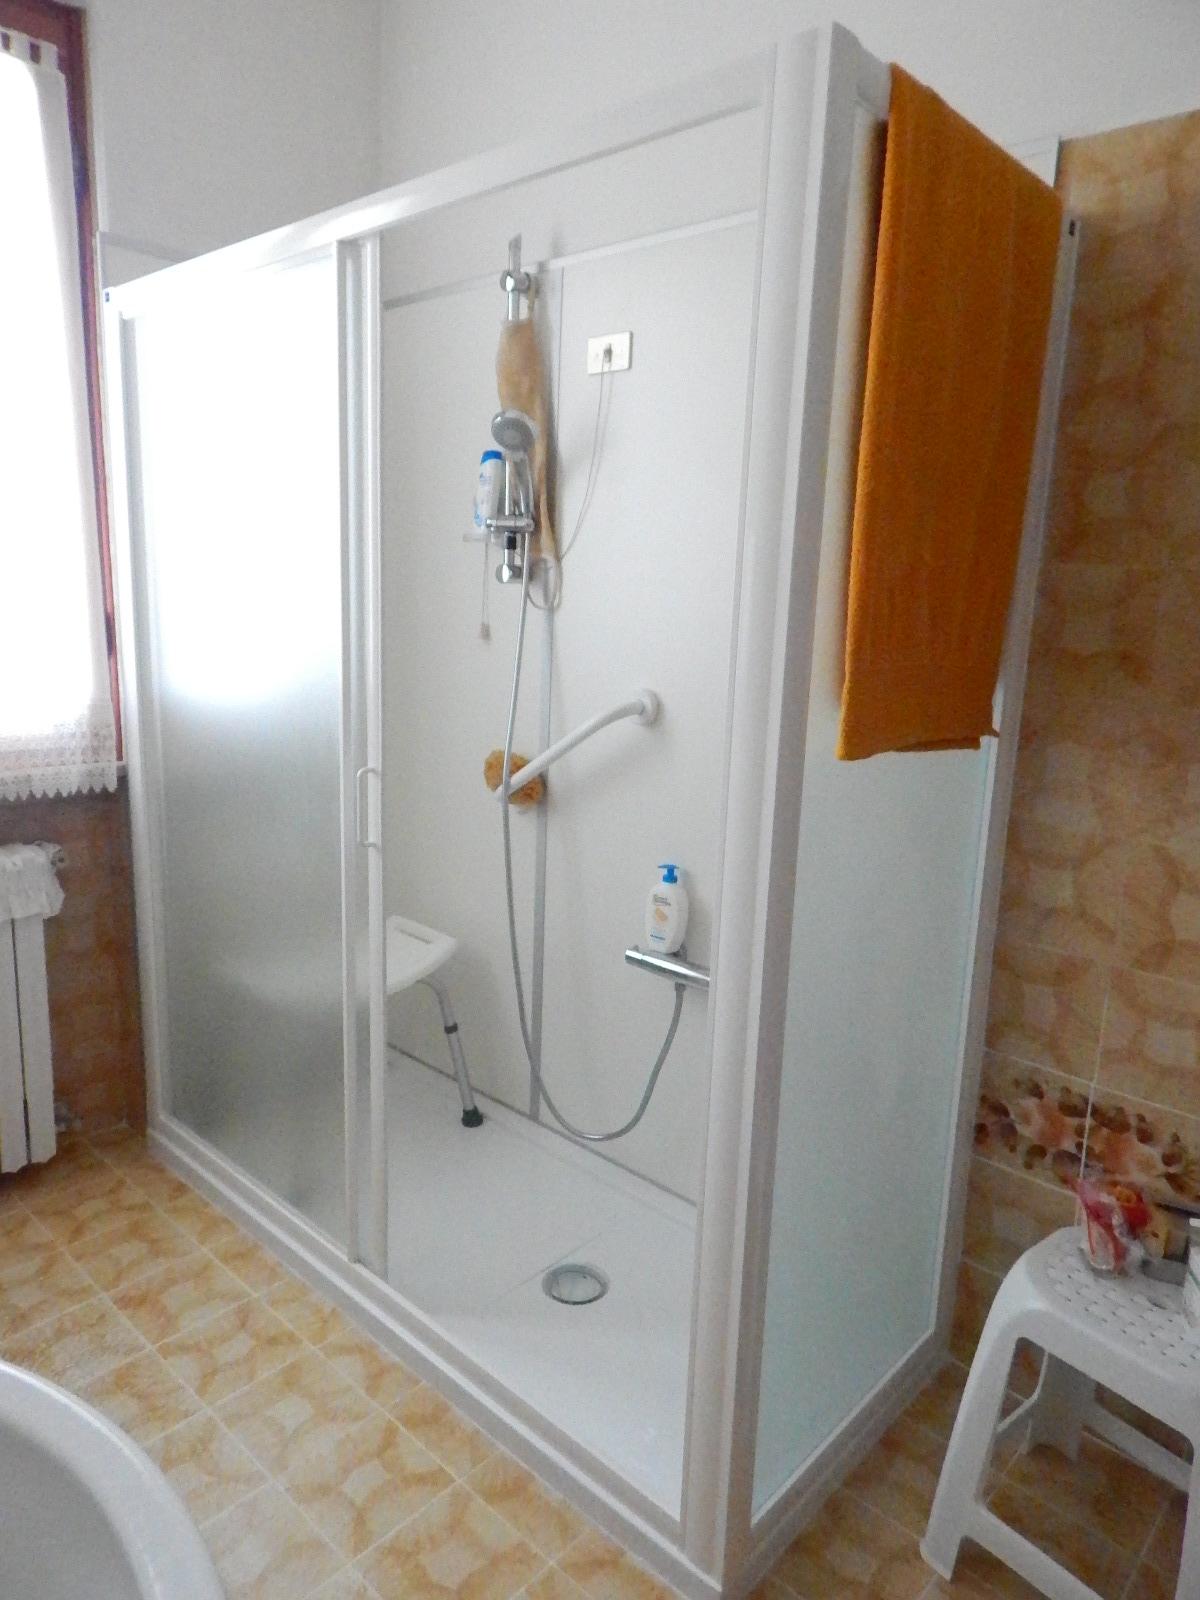 Cambio vasca in doccia e eliminazione piccola doccia - Doccia con vasca piccola ...